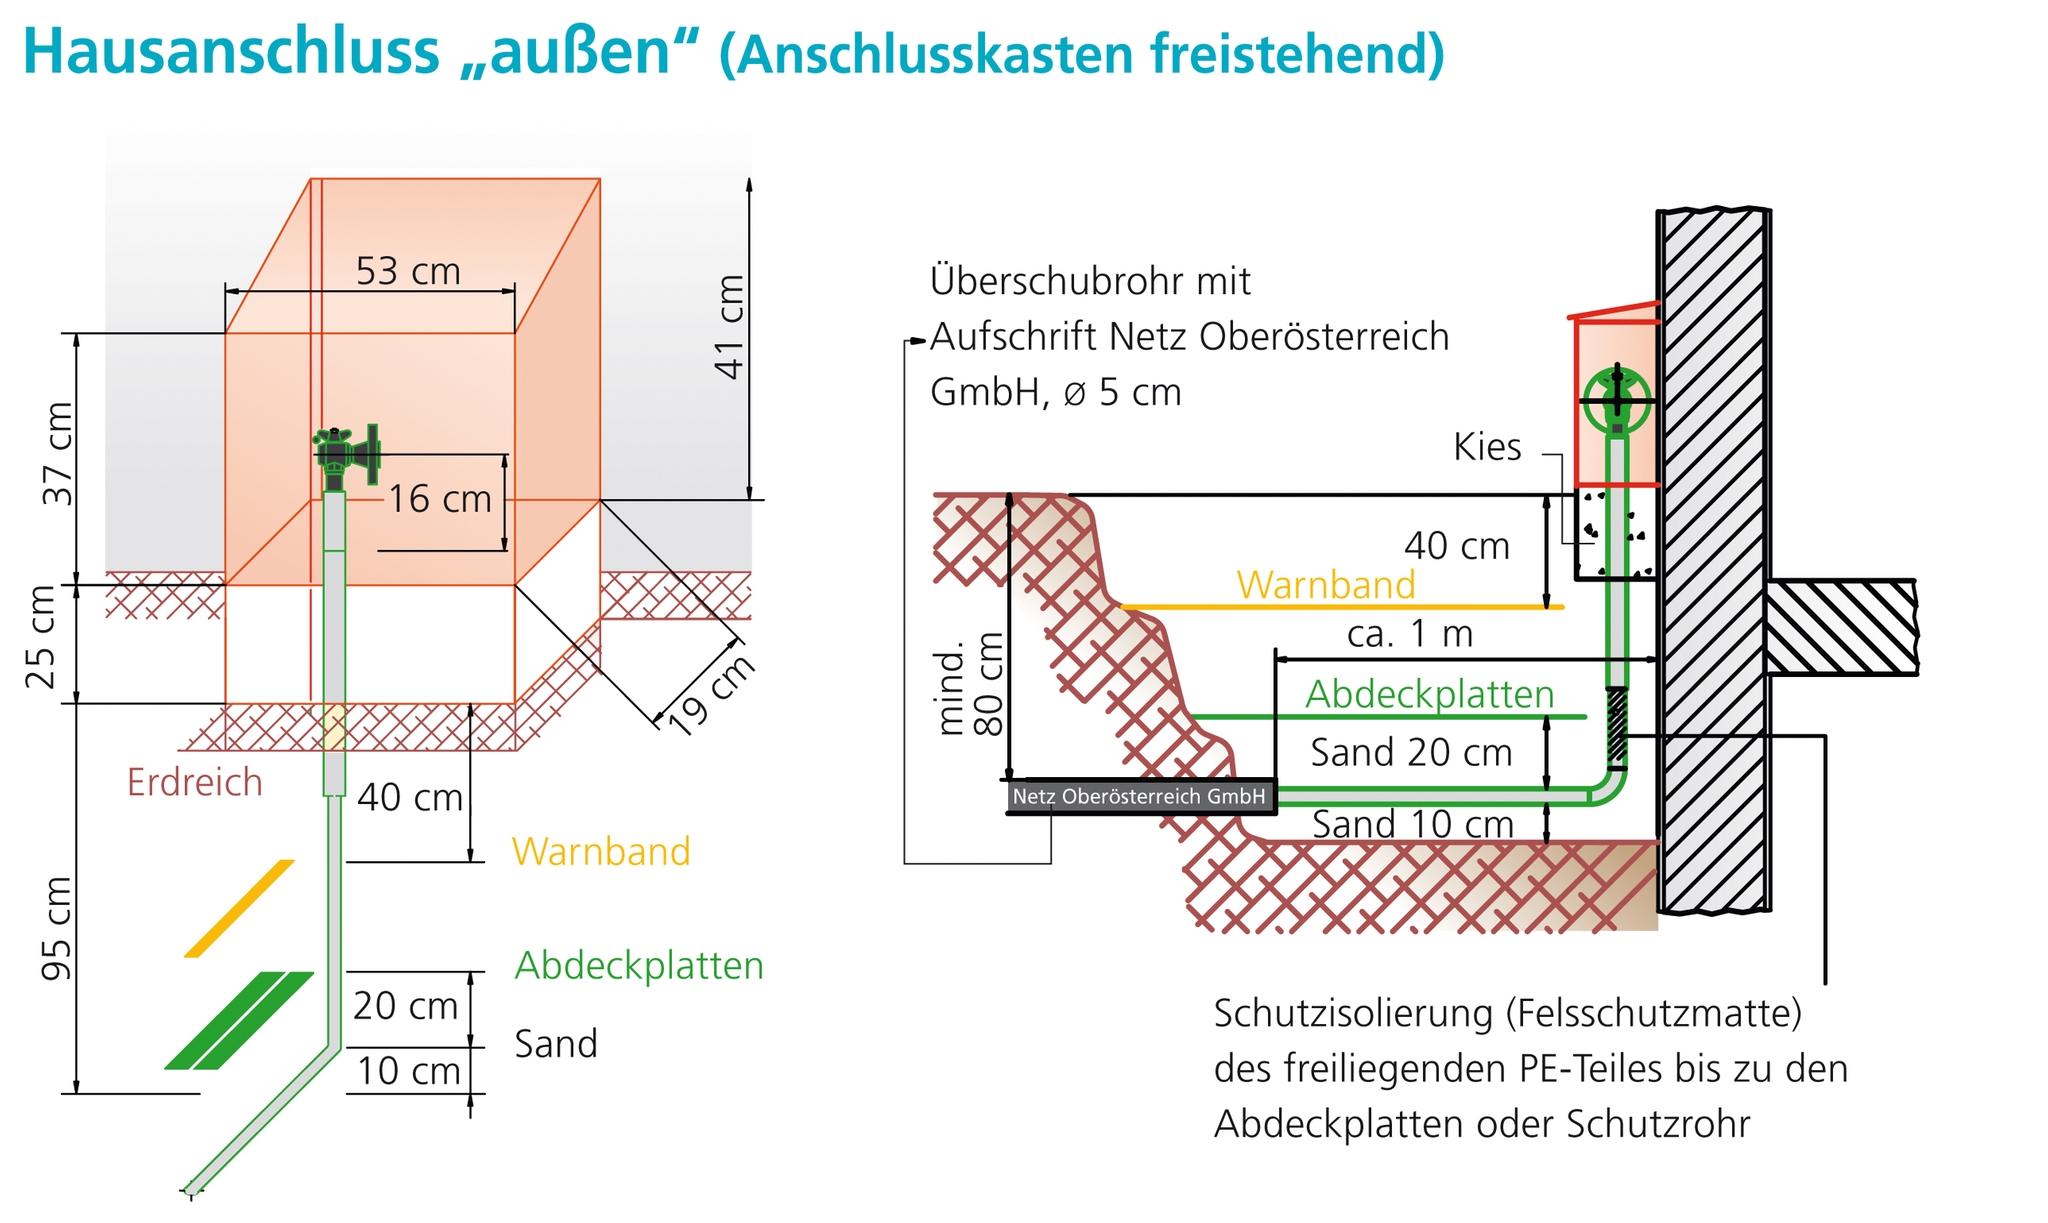 Wunderbar Arten Der Hausverdrahtung Galerie - Die Besten ...